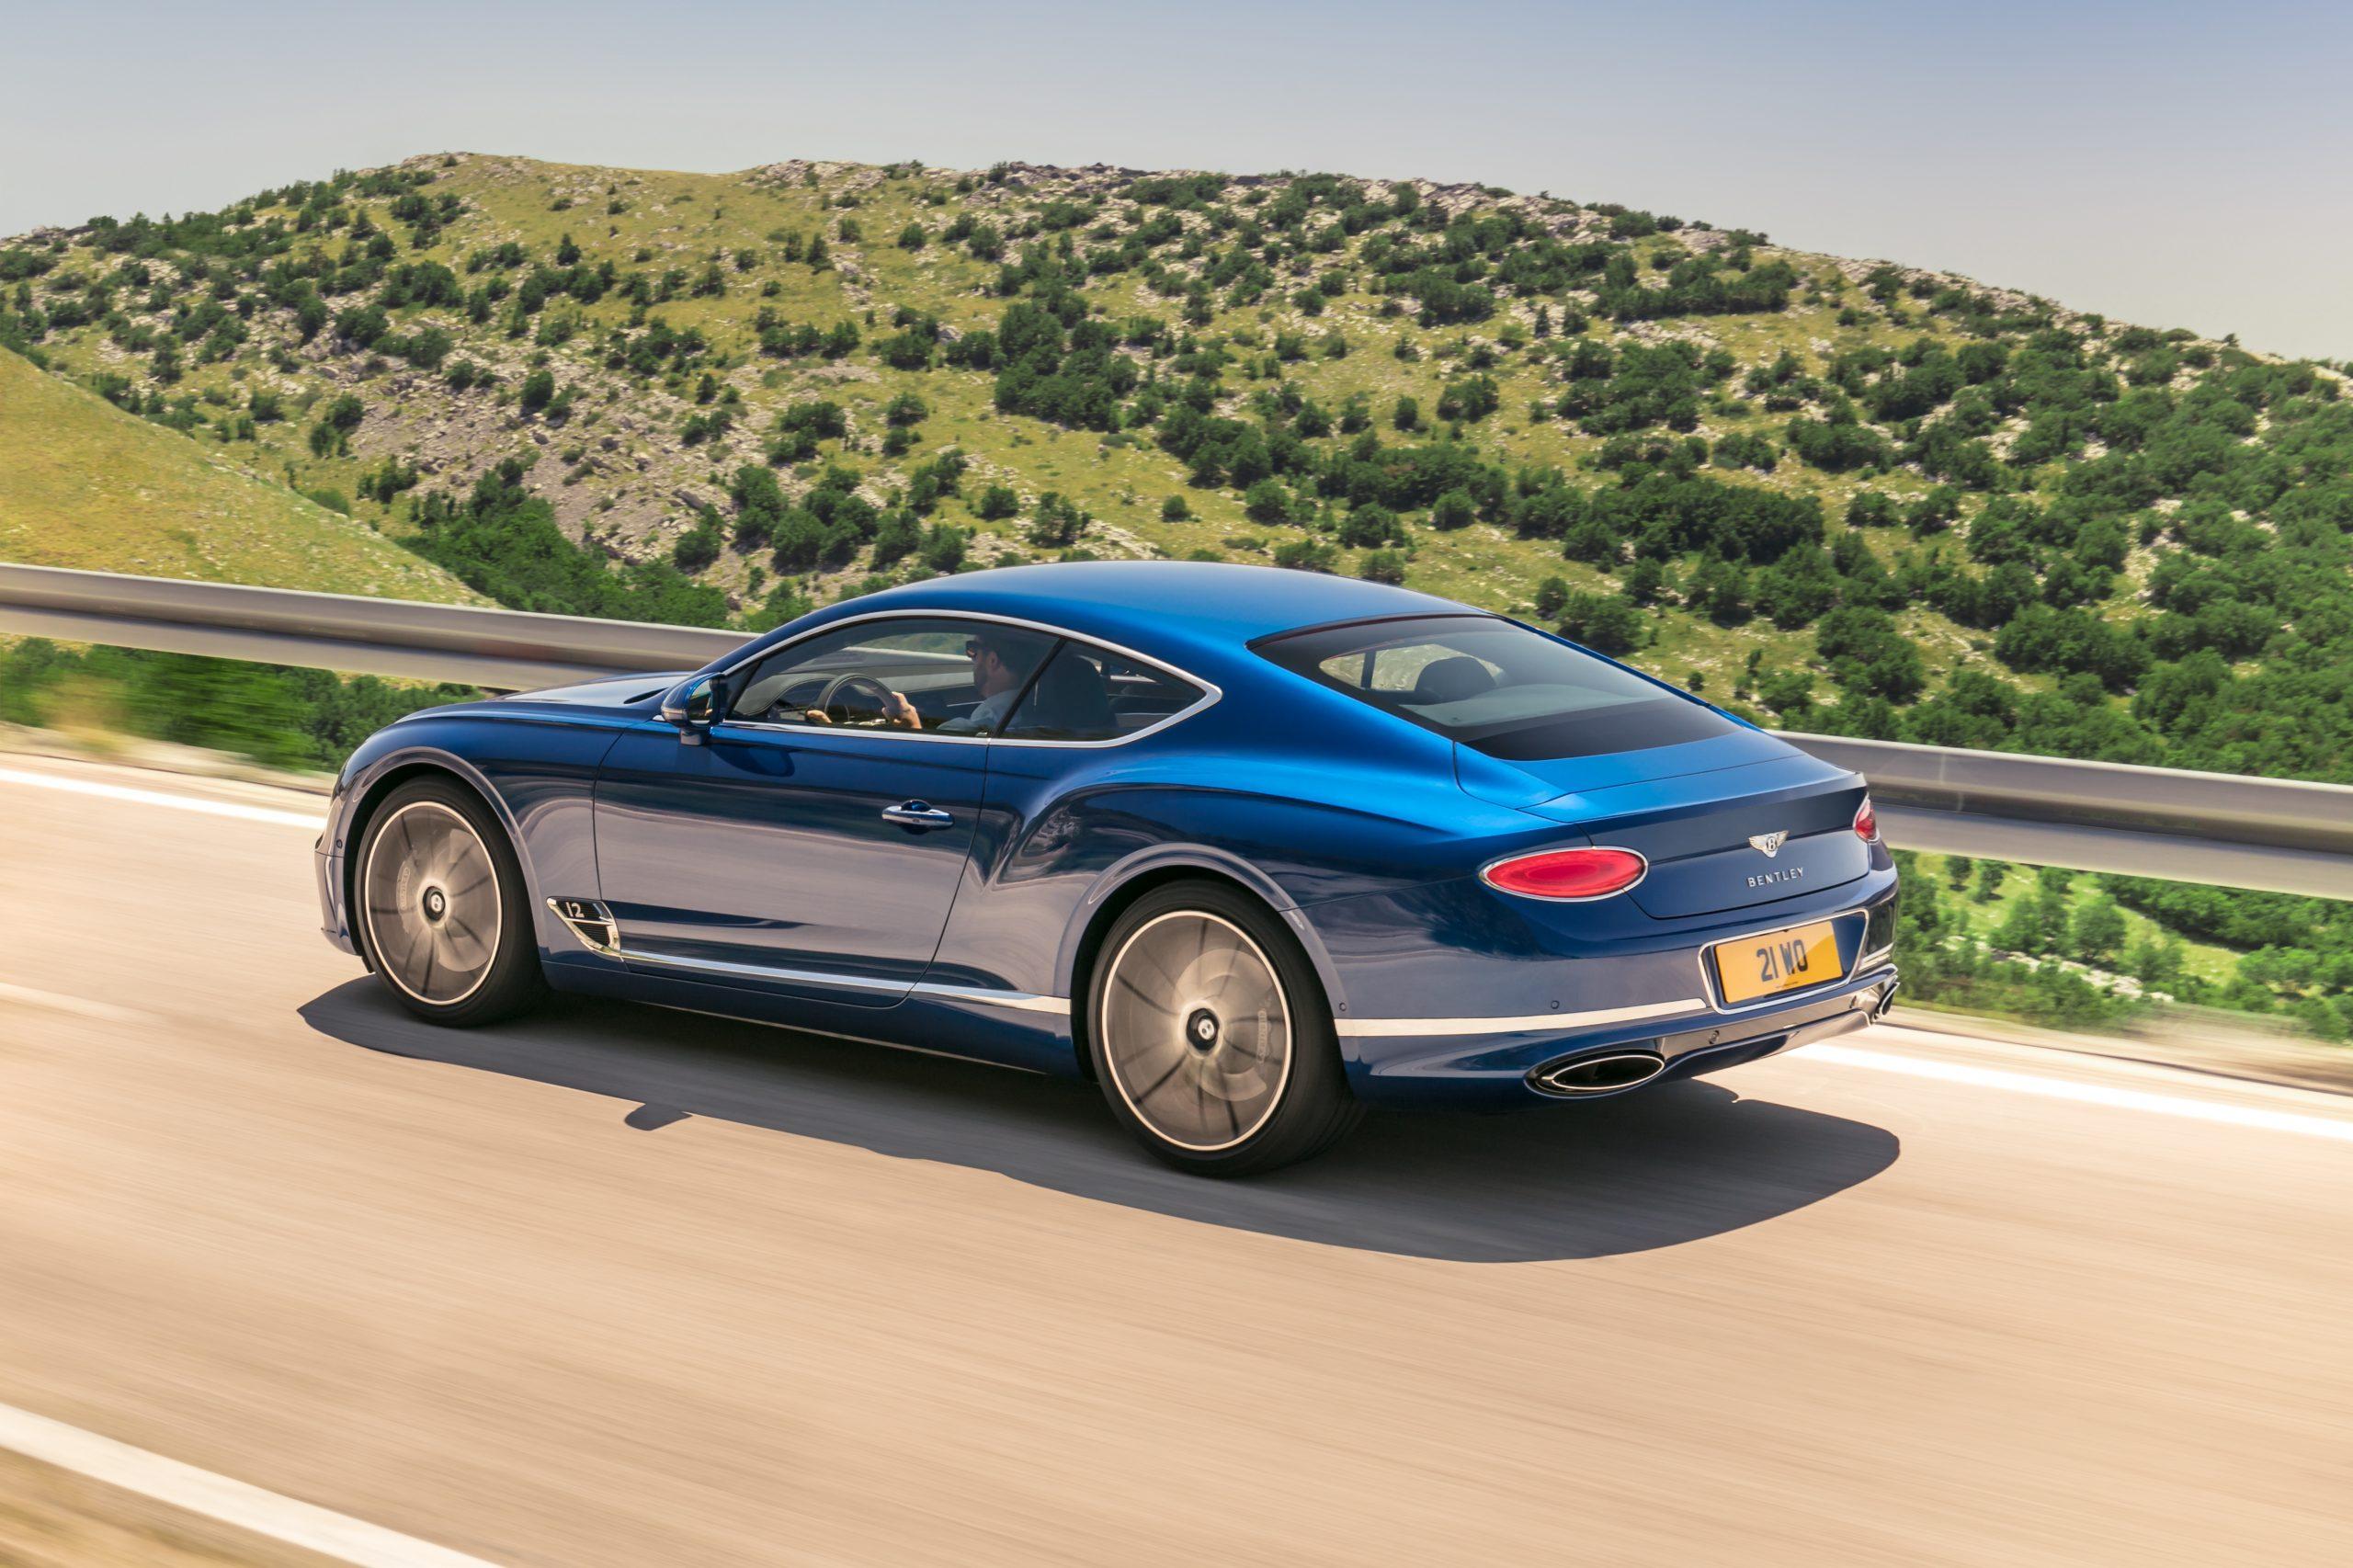 Bentley Continental GT design